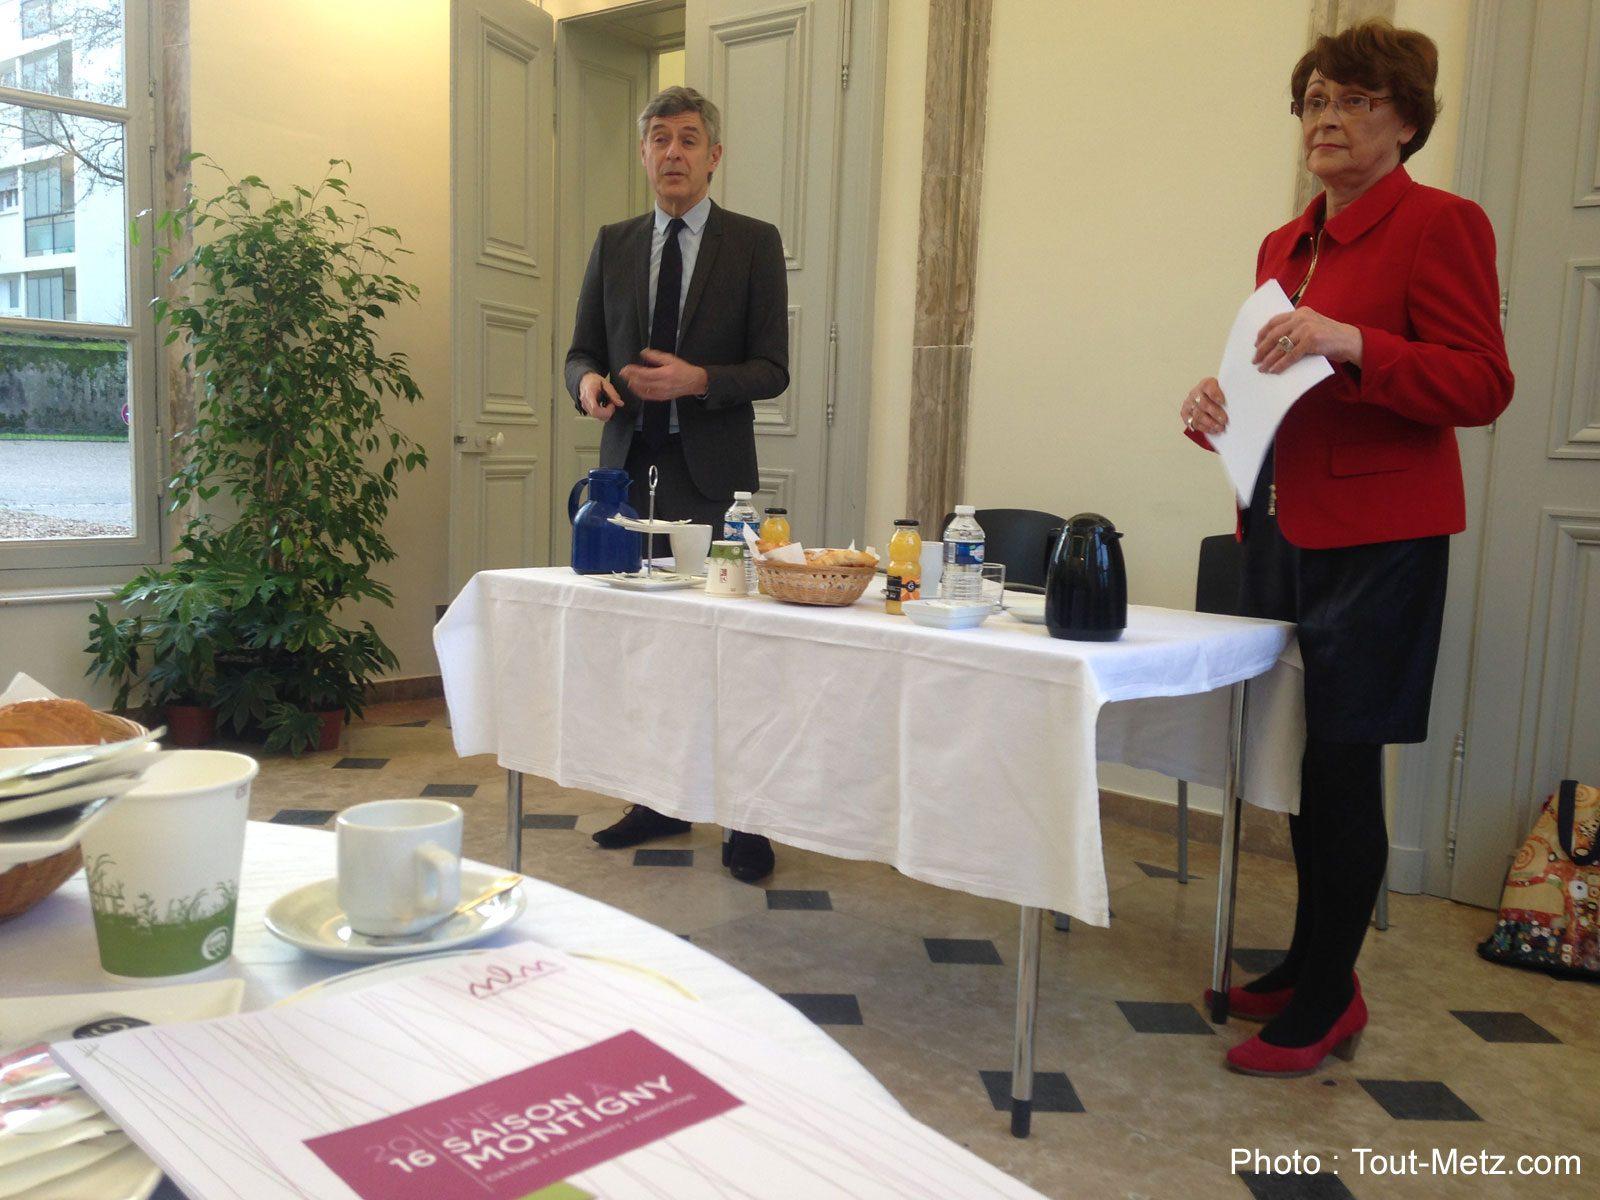 Programme d'animations 2016 à Montigny : un agenda bien rempli